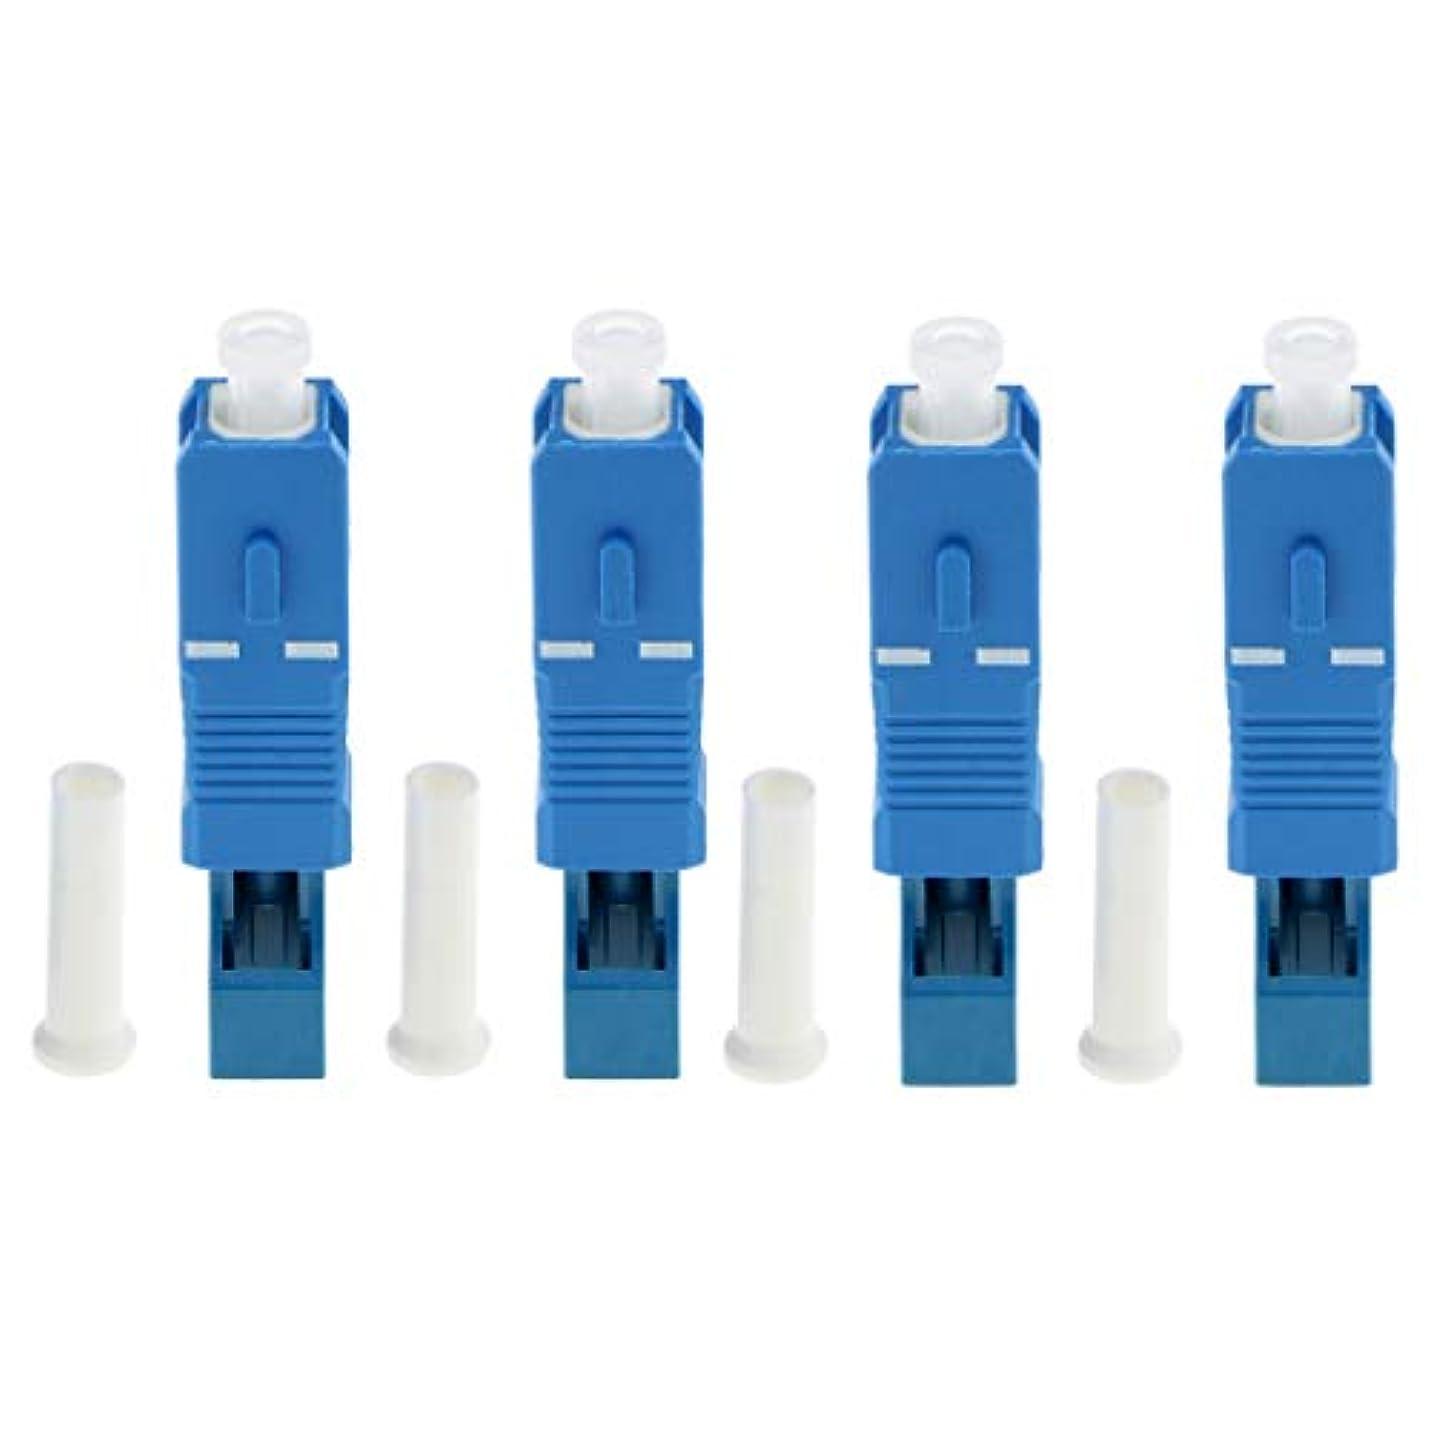 シェード治す絶滅させるKESOTO 光ファイバ LC SC アダプタ オス‐メス 2.5 to 1.25mm シングルモード 4個セット